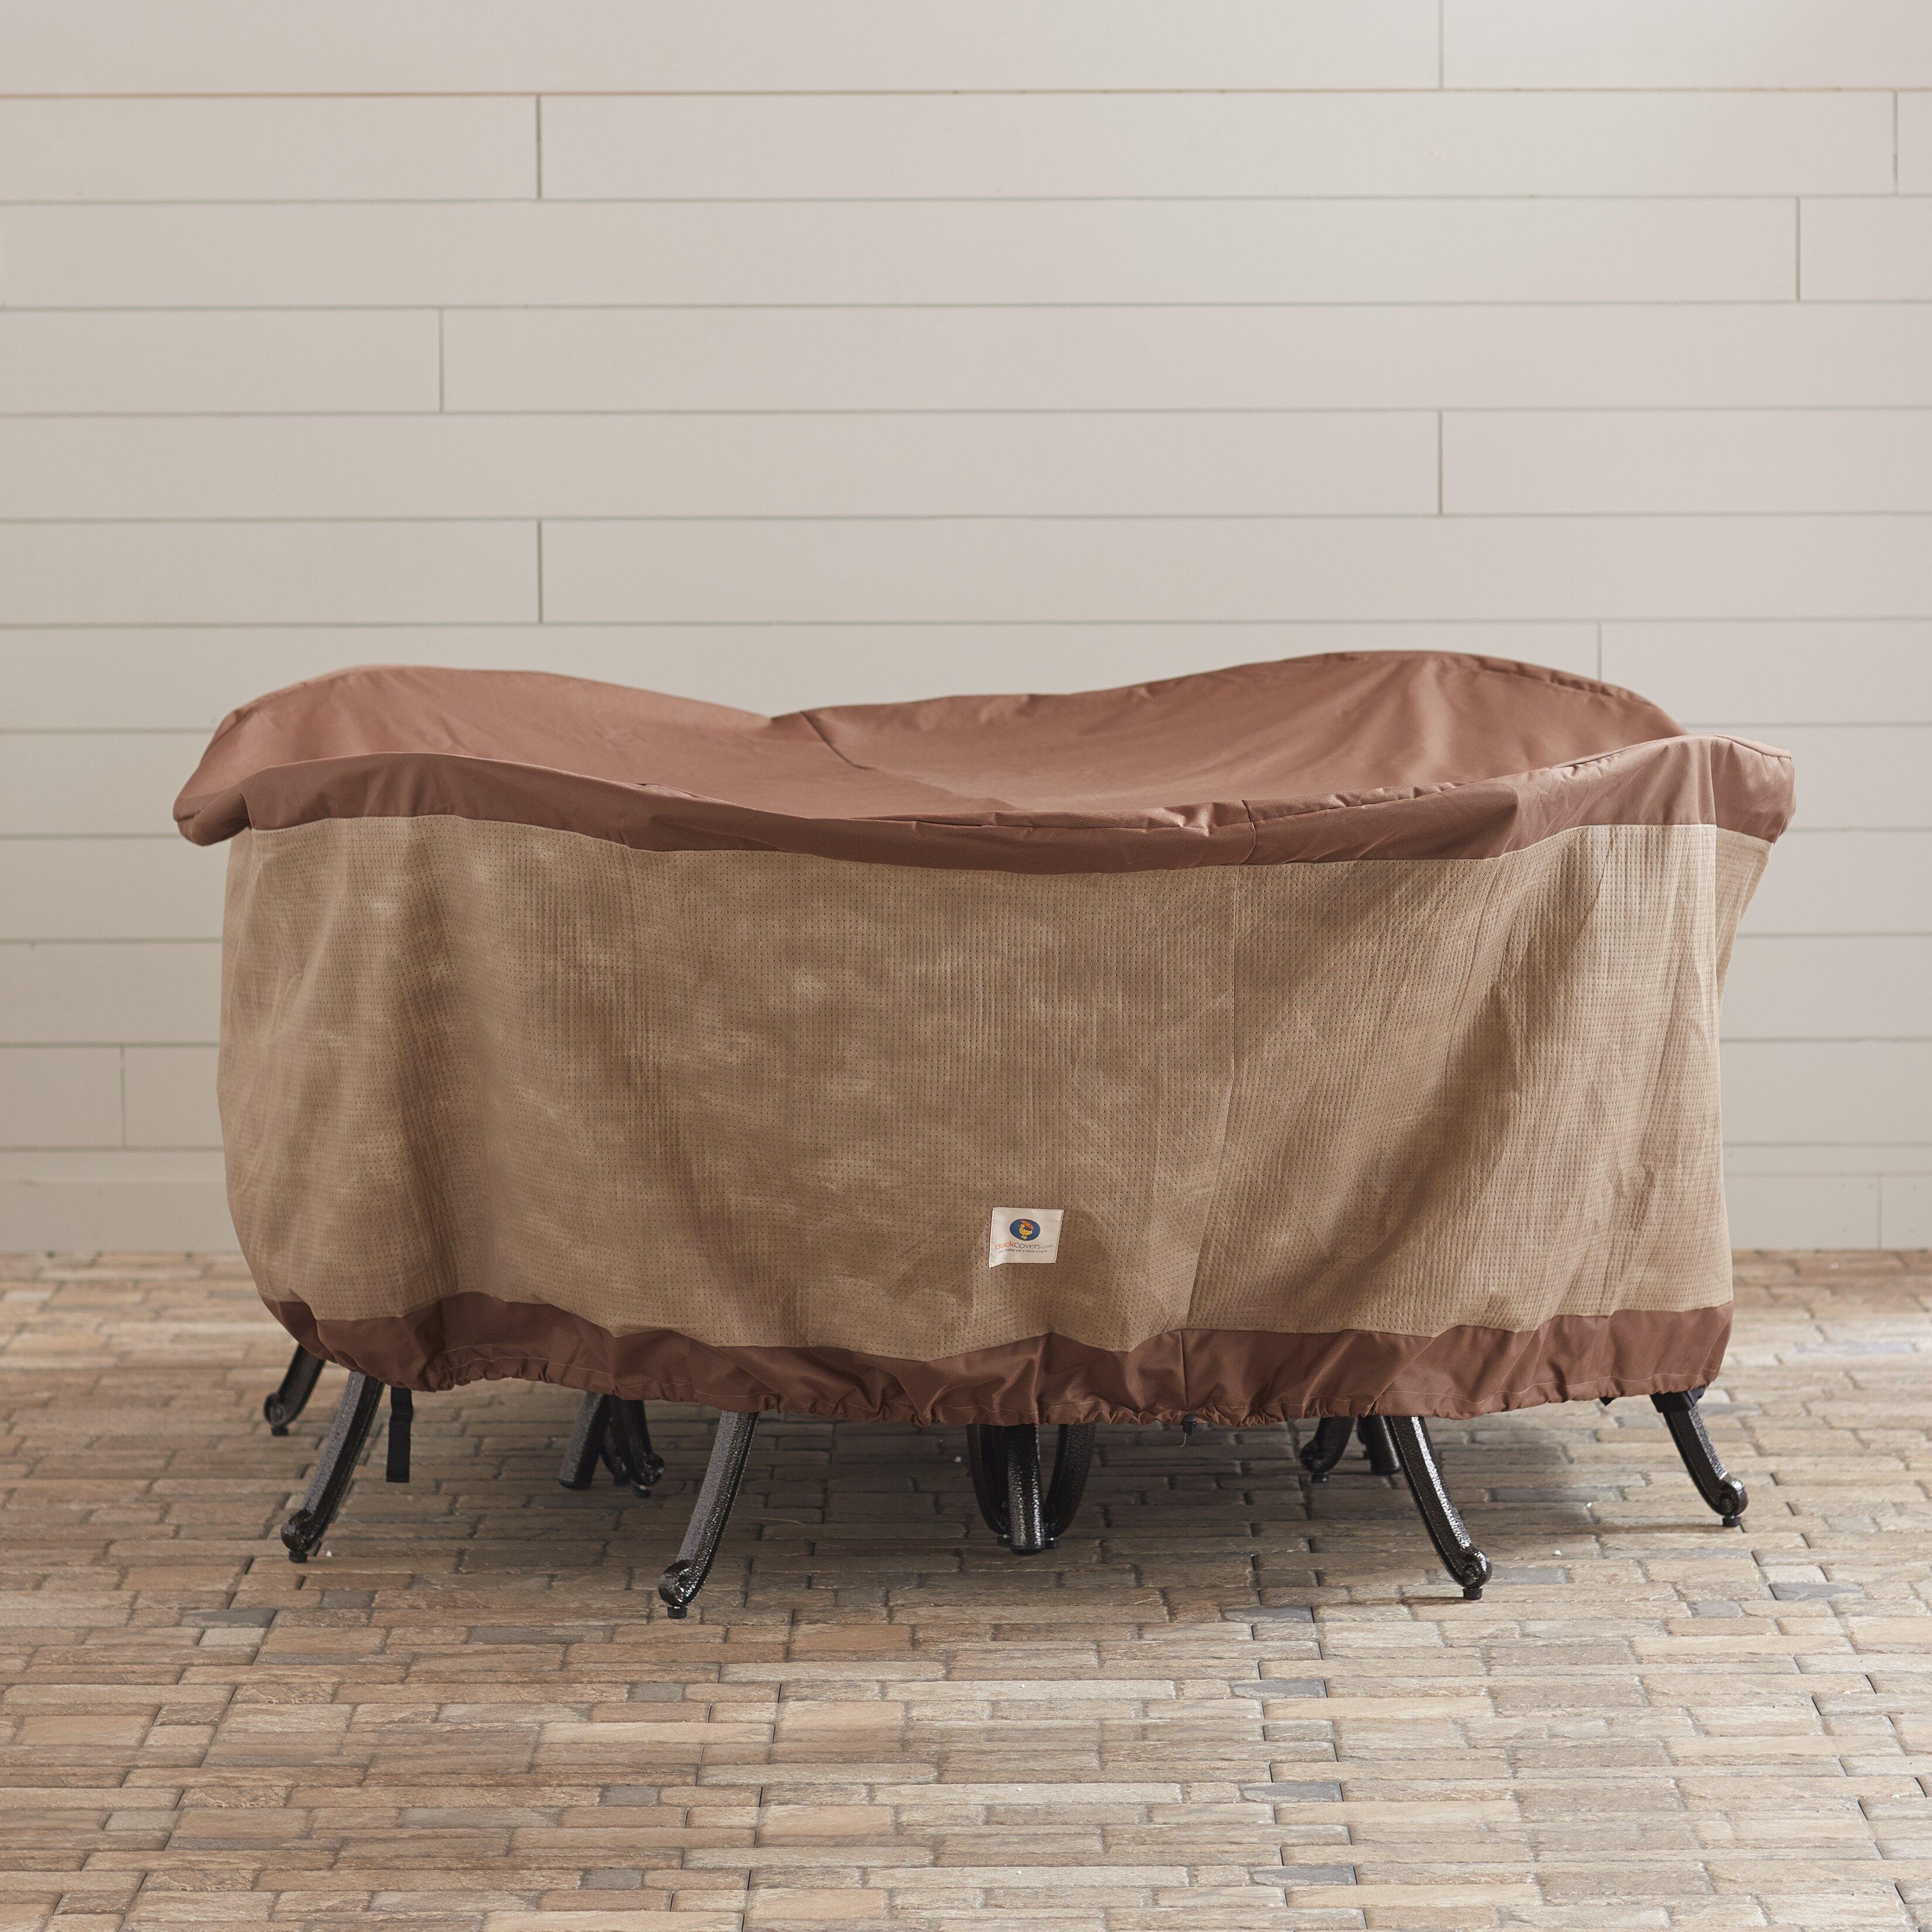 Veranda Patio Cover. Veranda Patio Cover Clic Accessories Round Table Chair  Design Ideas